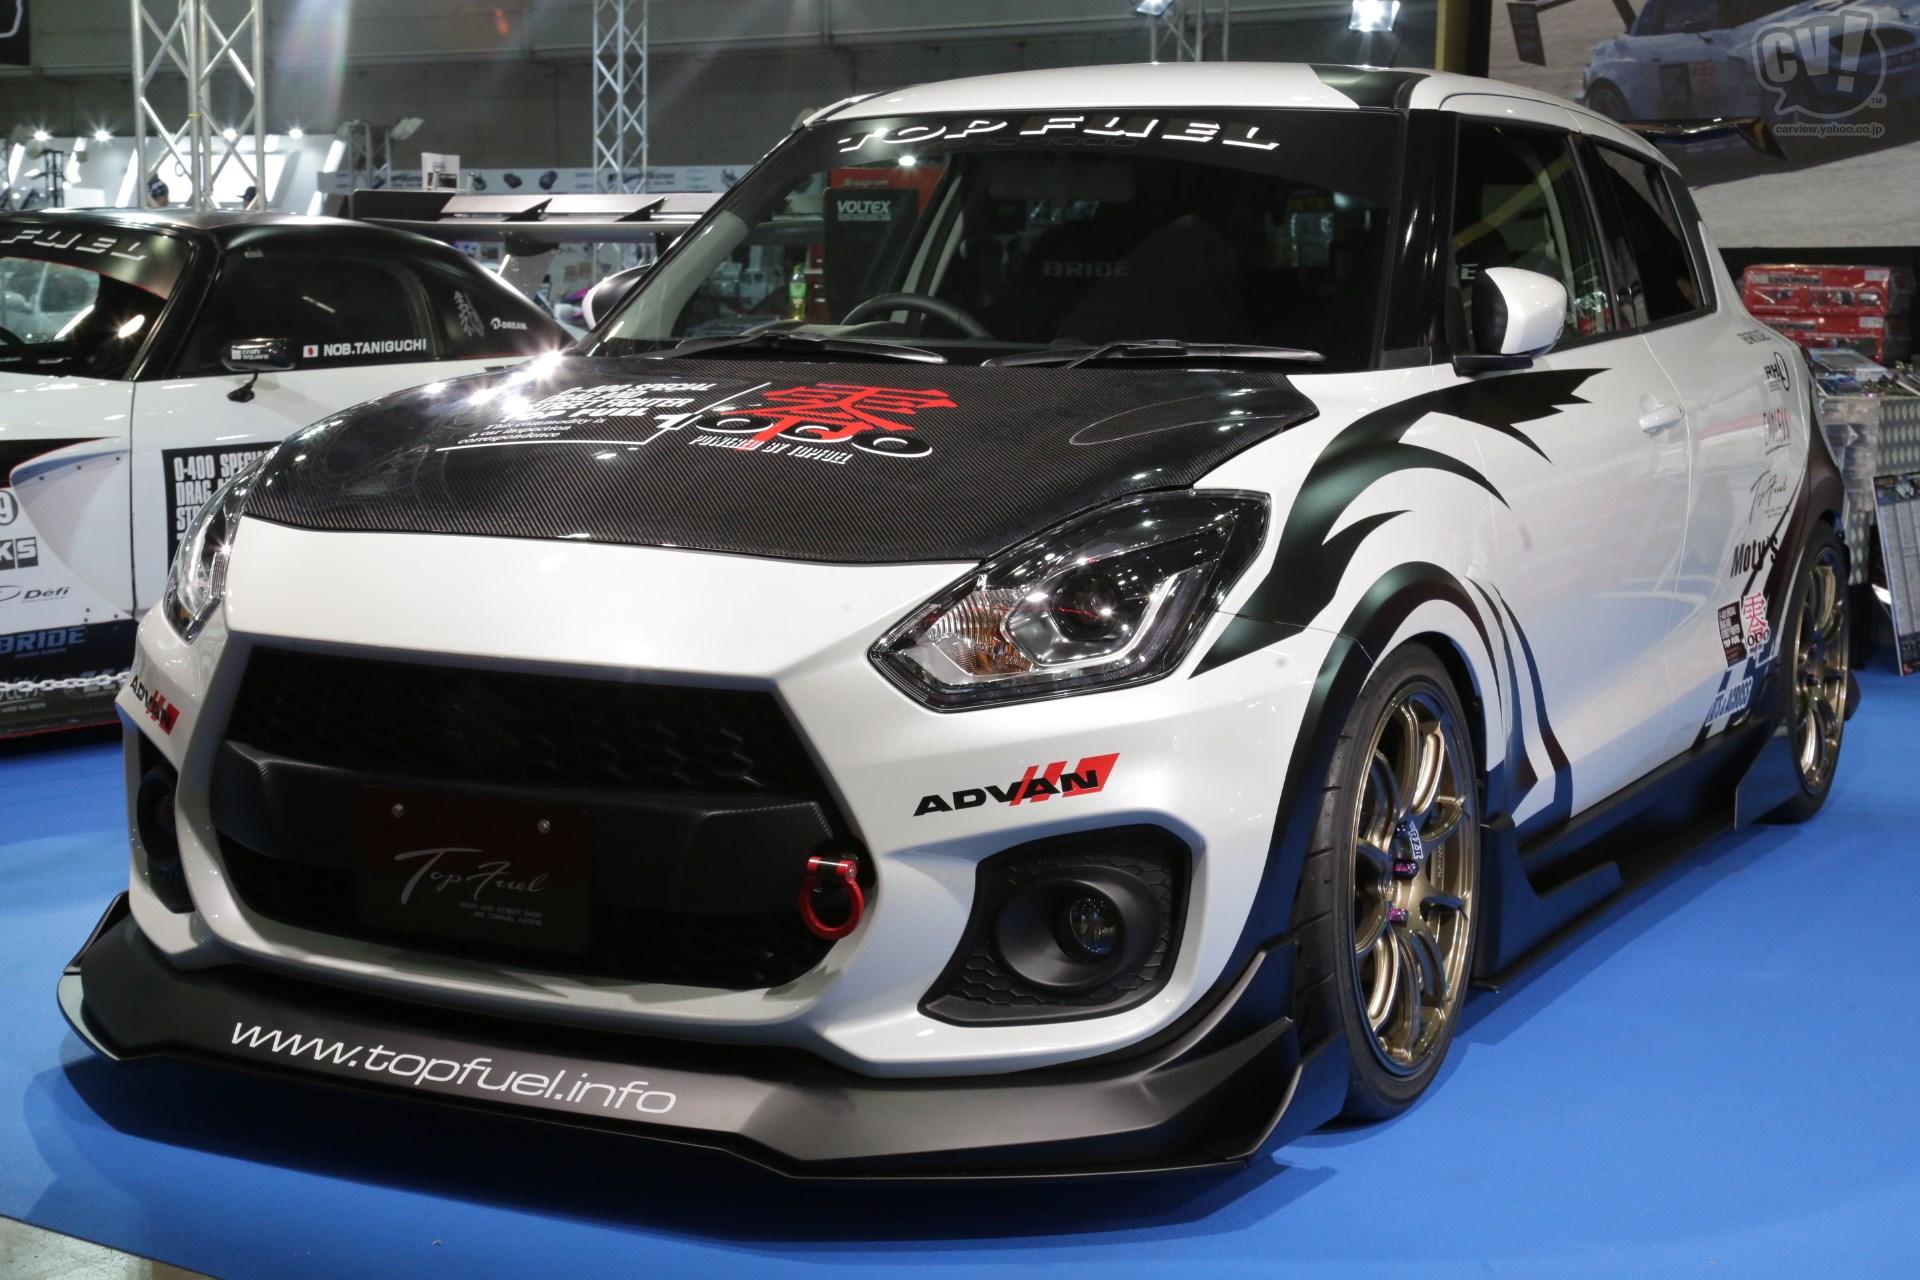 Suzuki Swift Garage